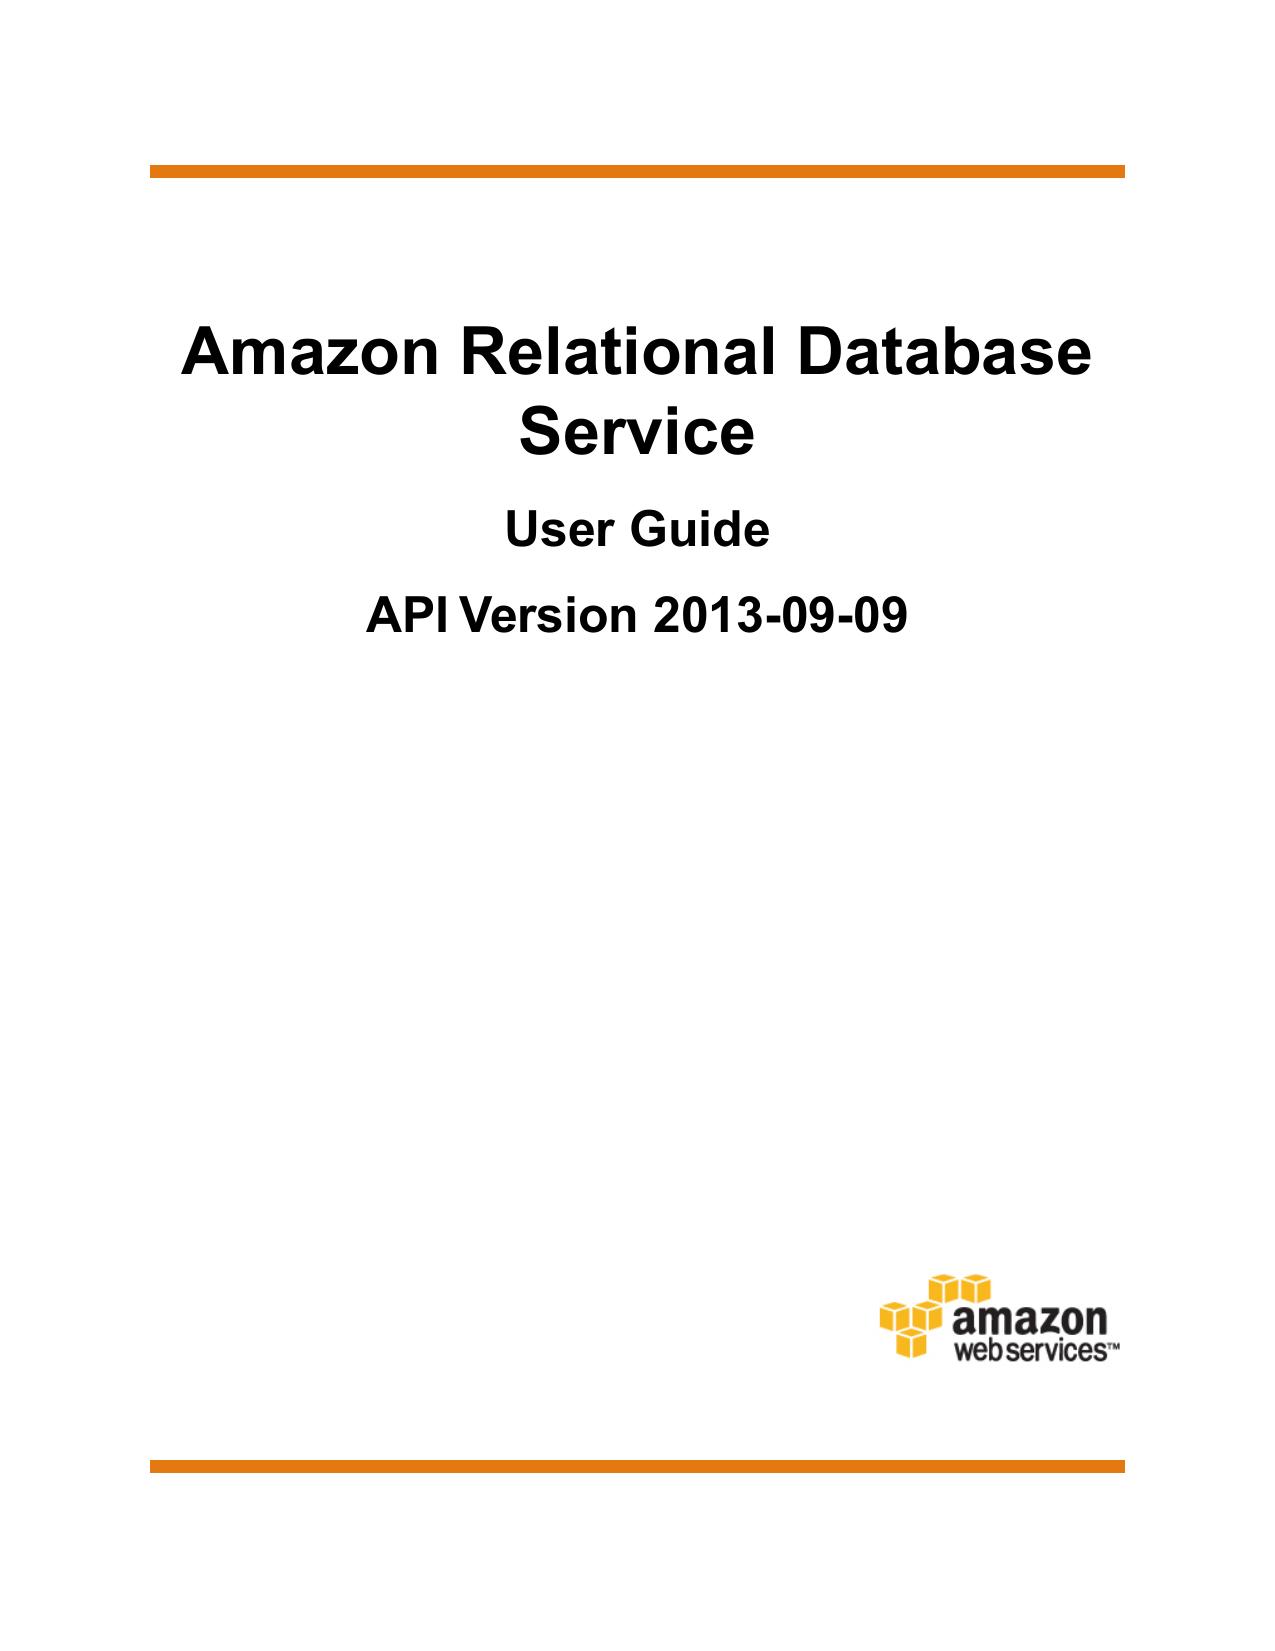 Amazon Relational Database Service | manualzz com